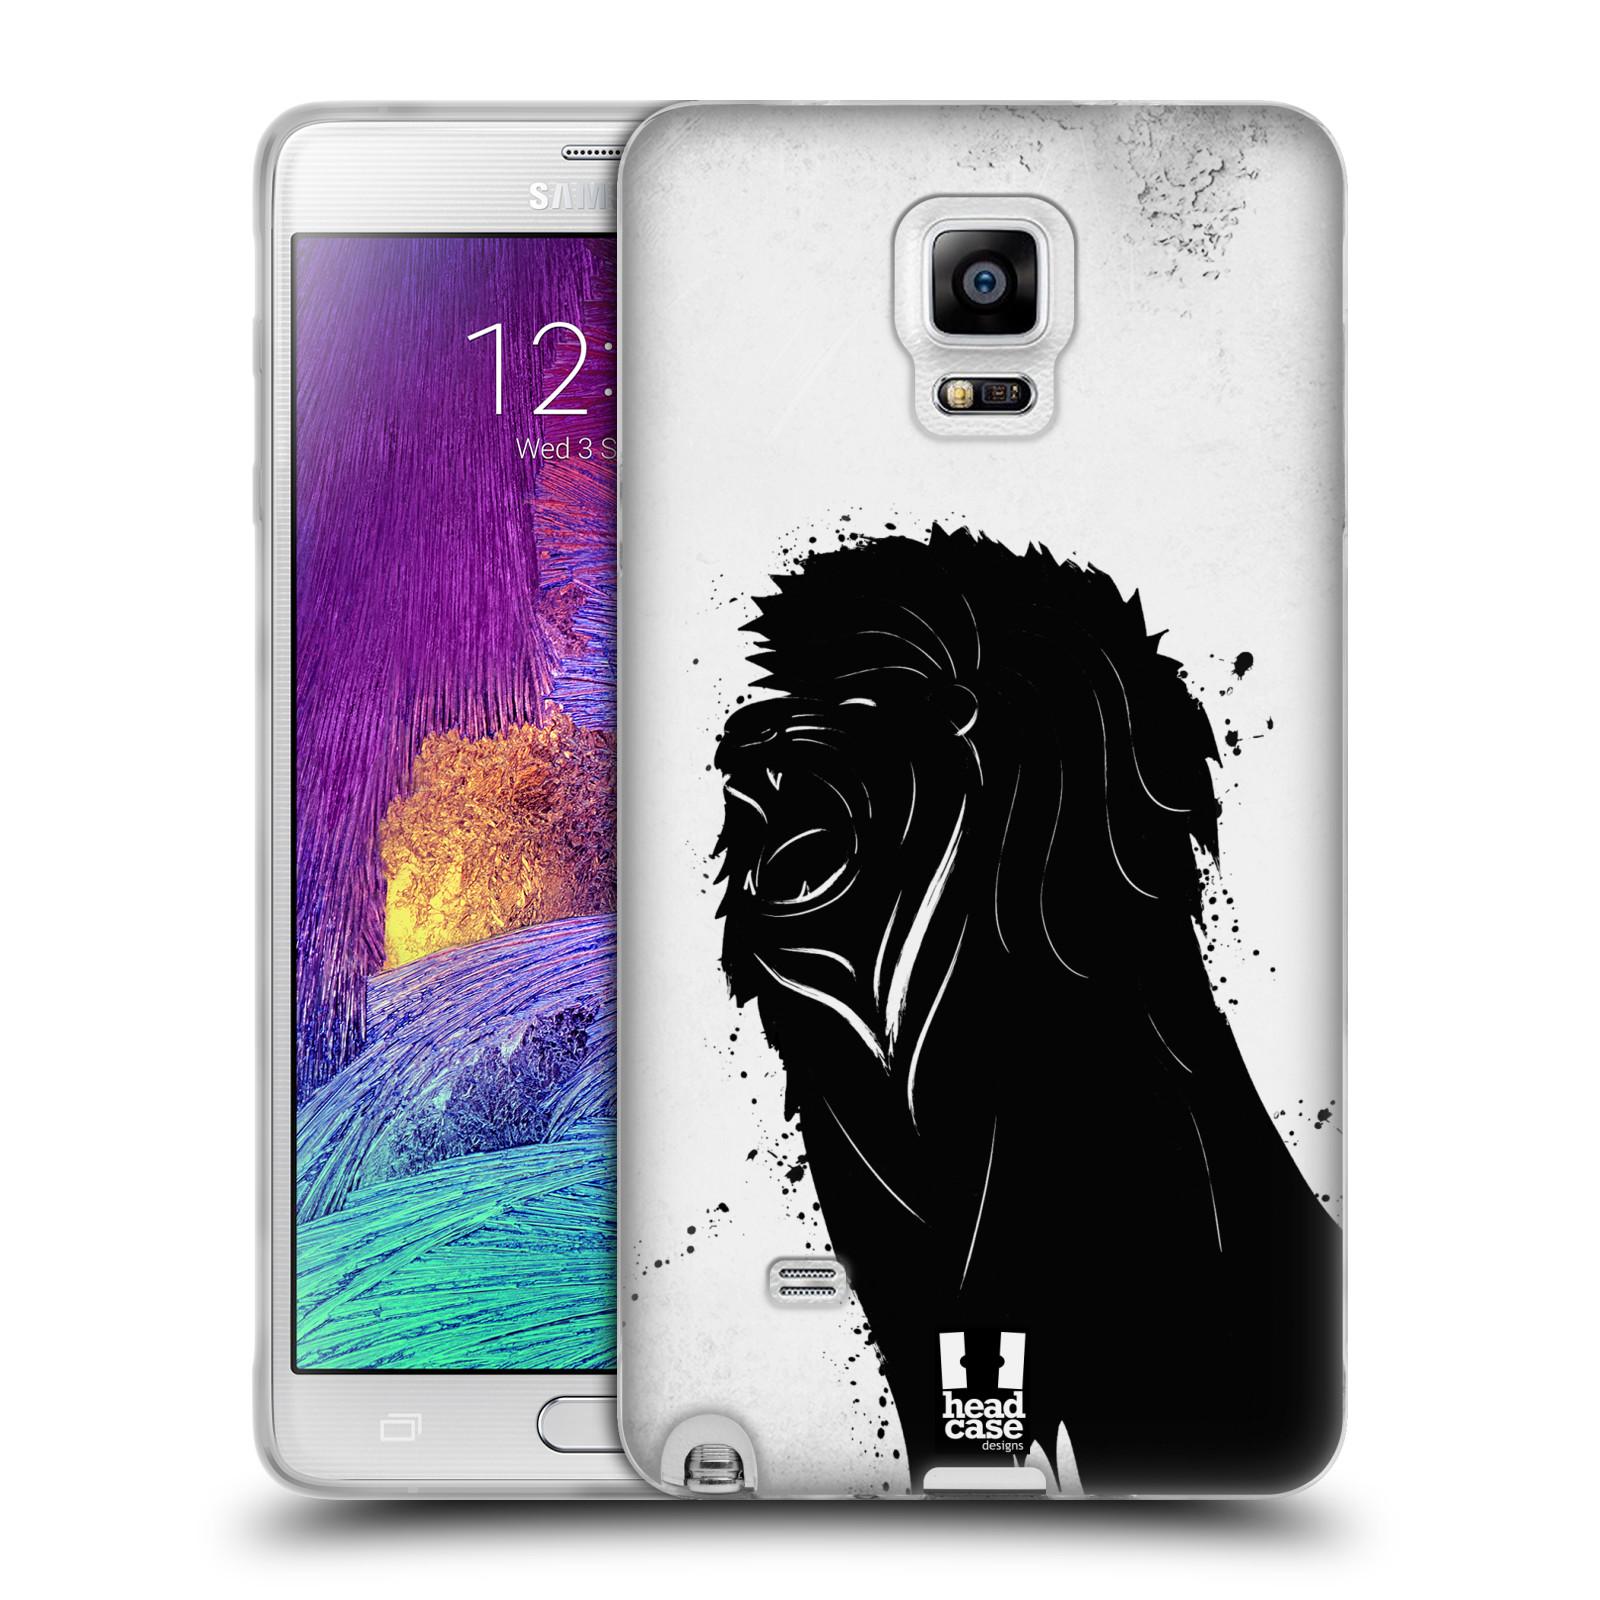 HEAD CASE silikonový obal na mobil Samsung Galaxy Note 4 (N910) vzor Kresba tuš zvíře lev